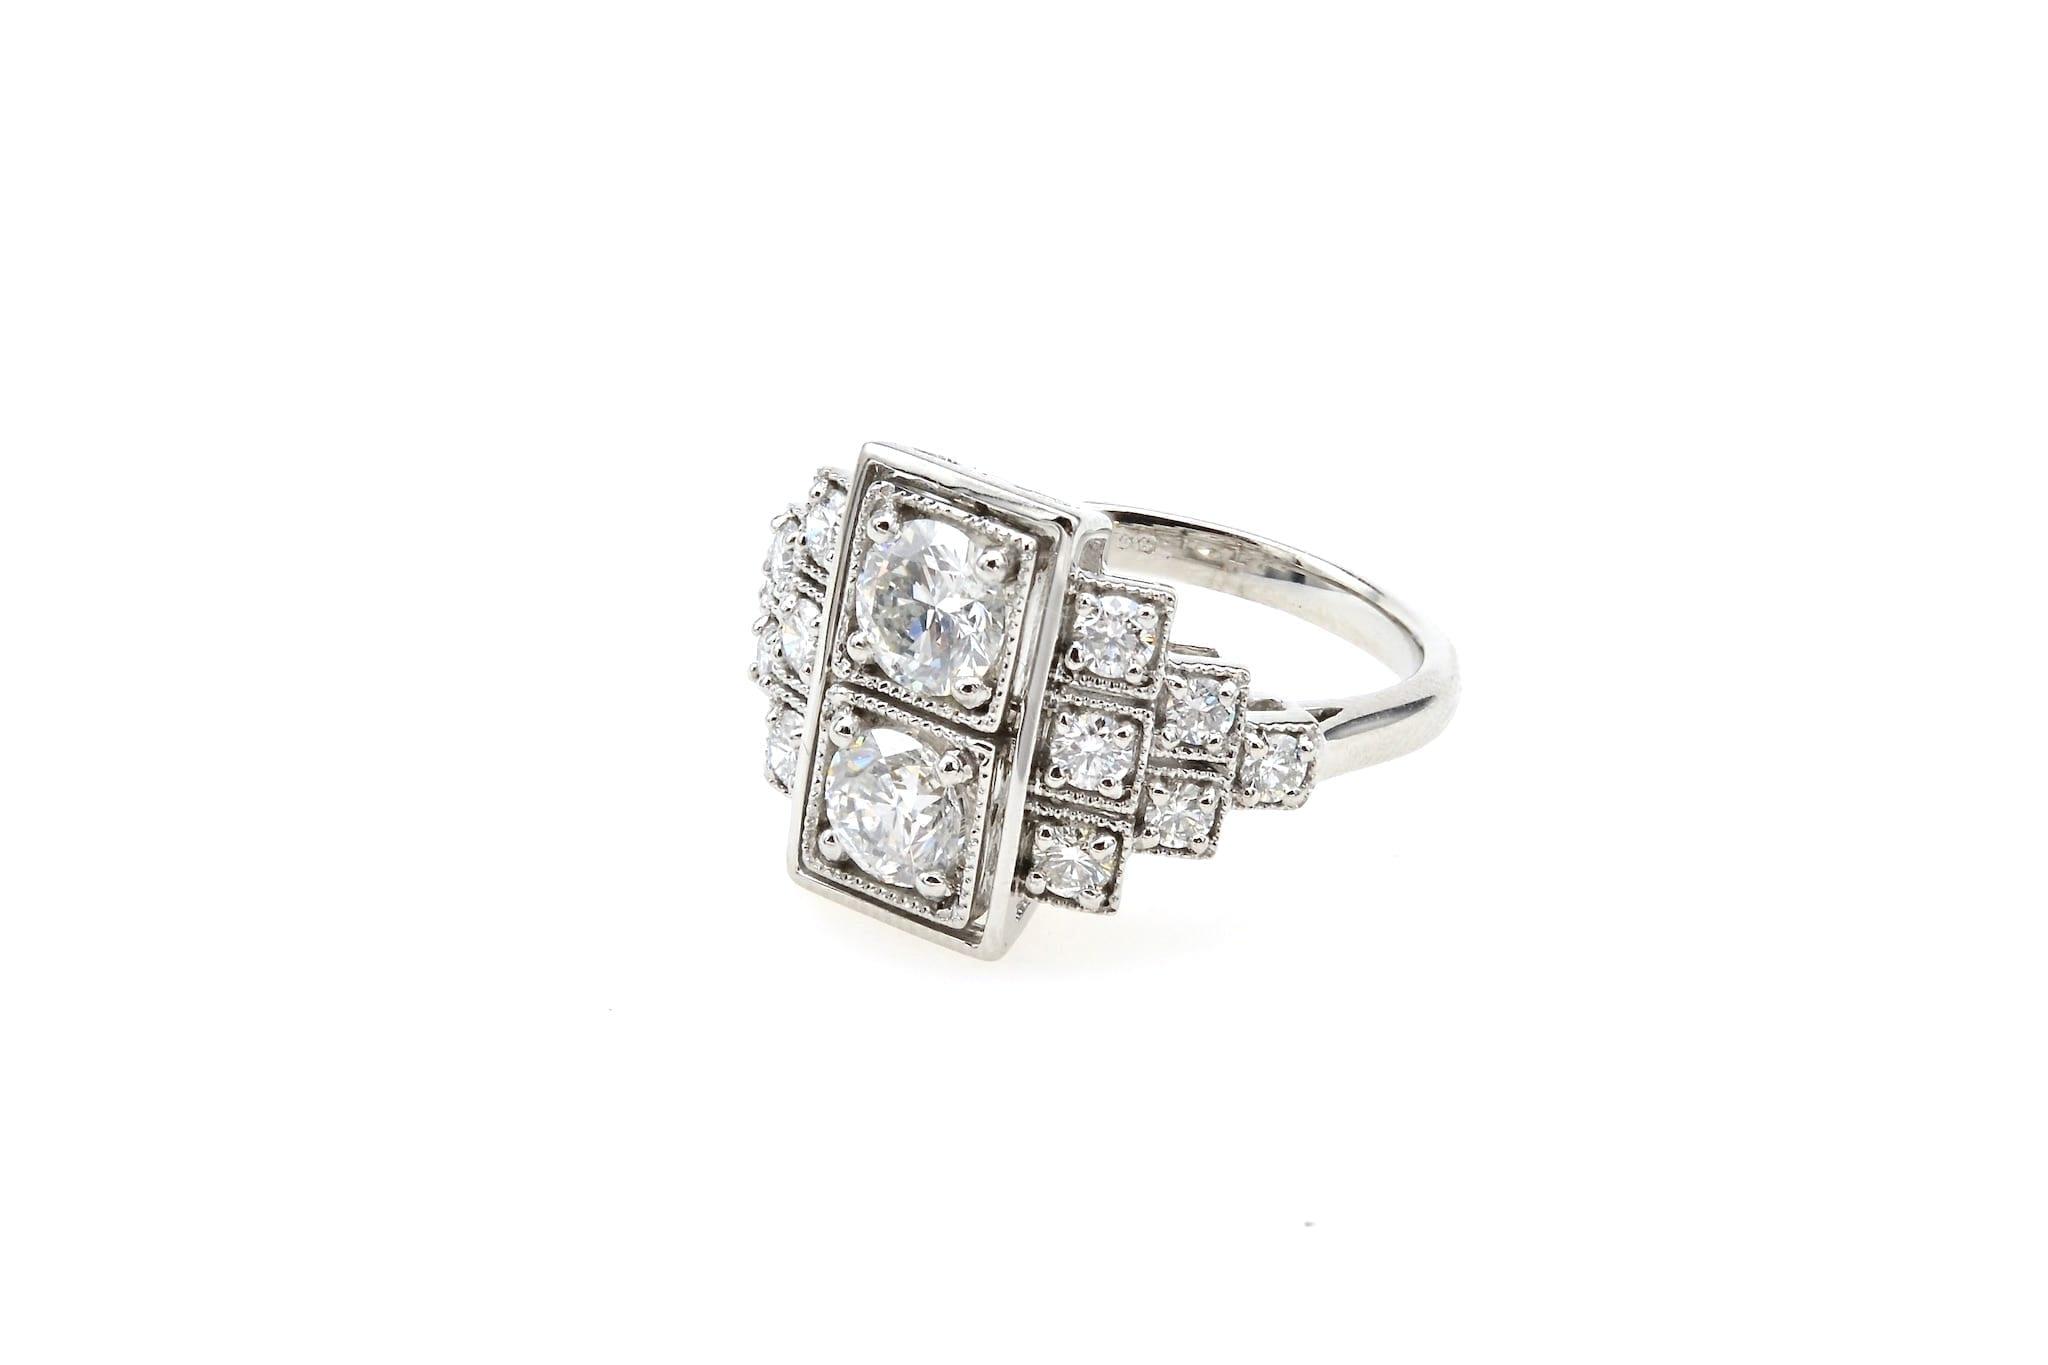 Bague diamants de style Art Déco en or blanc 18k